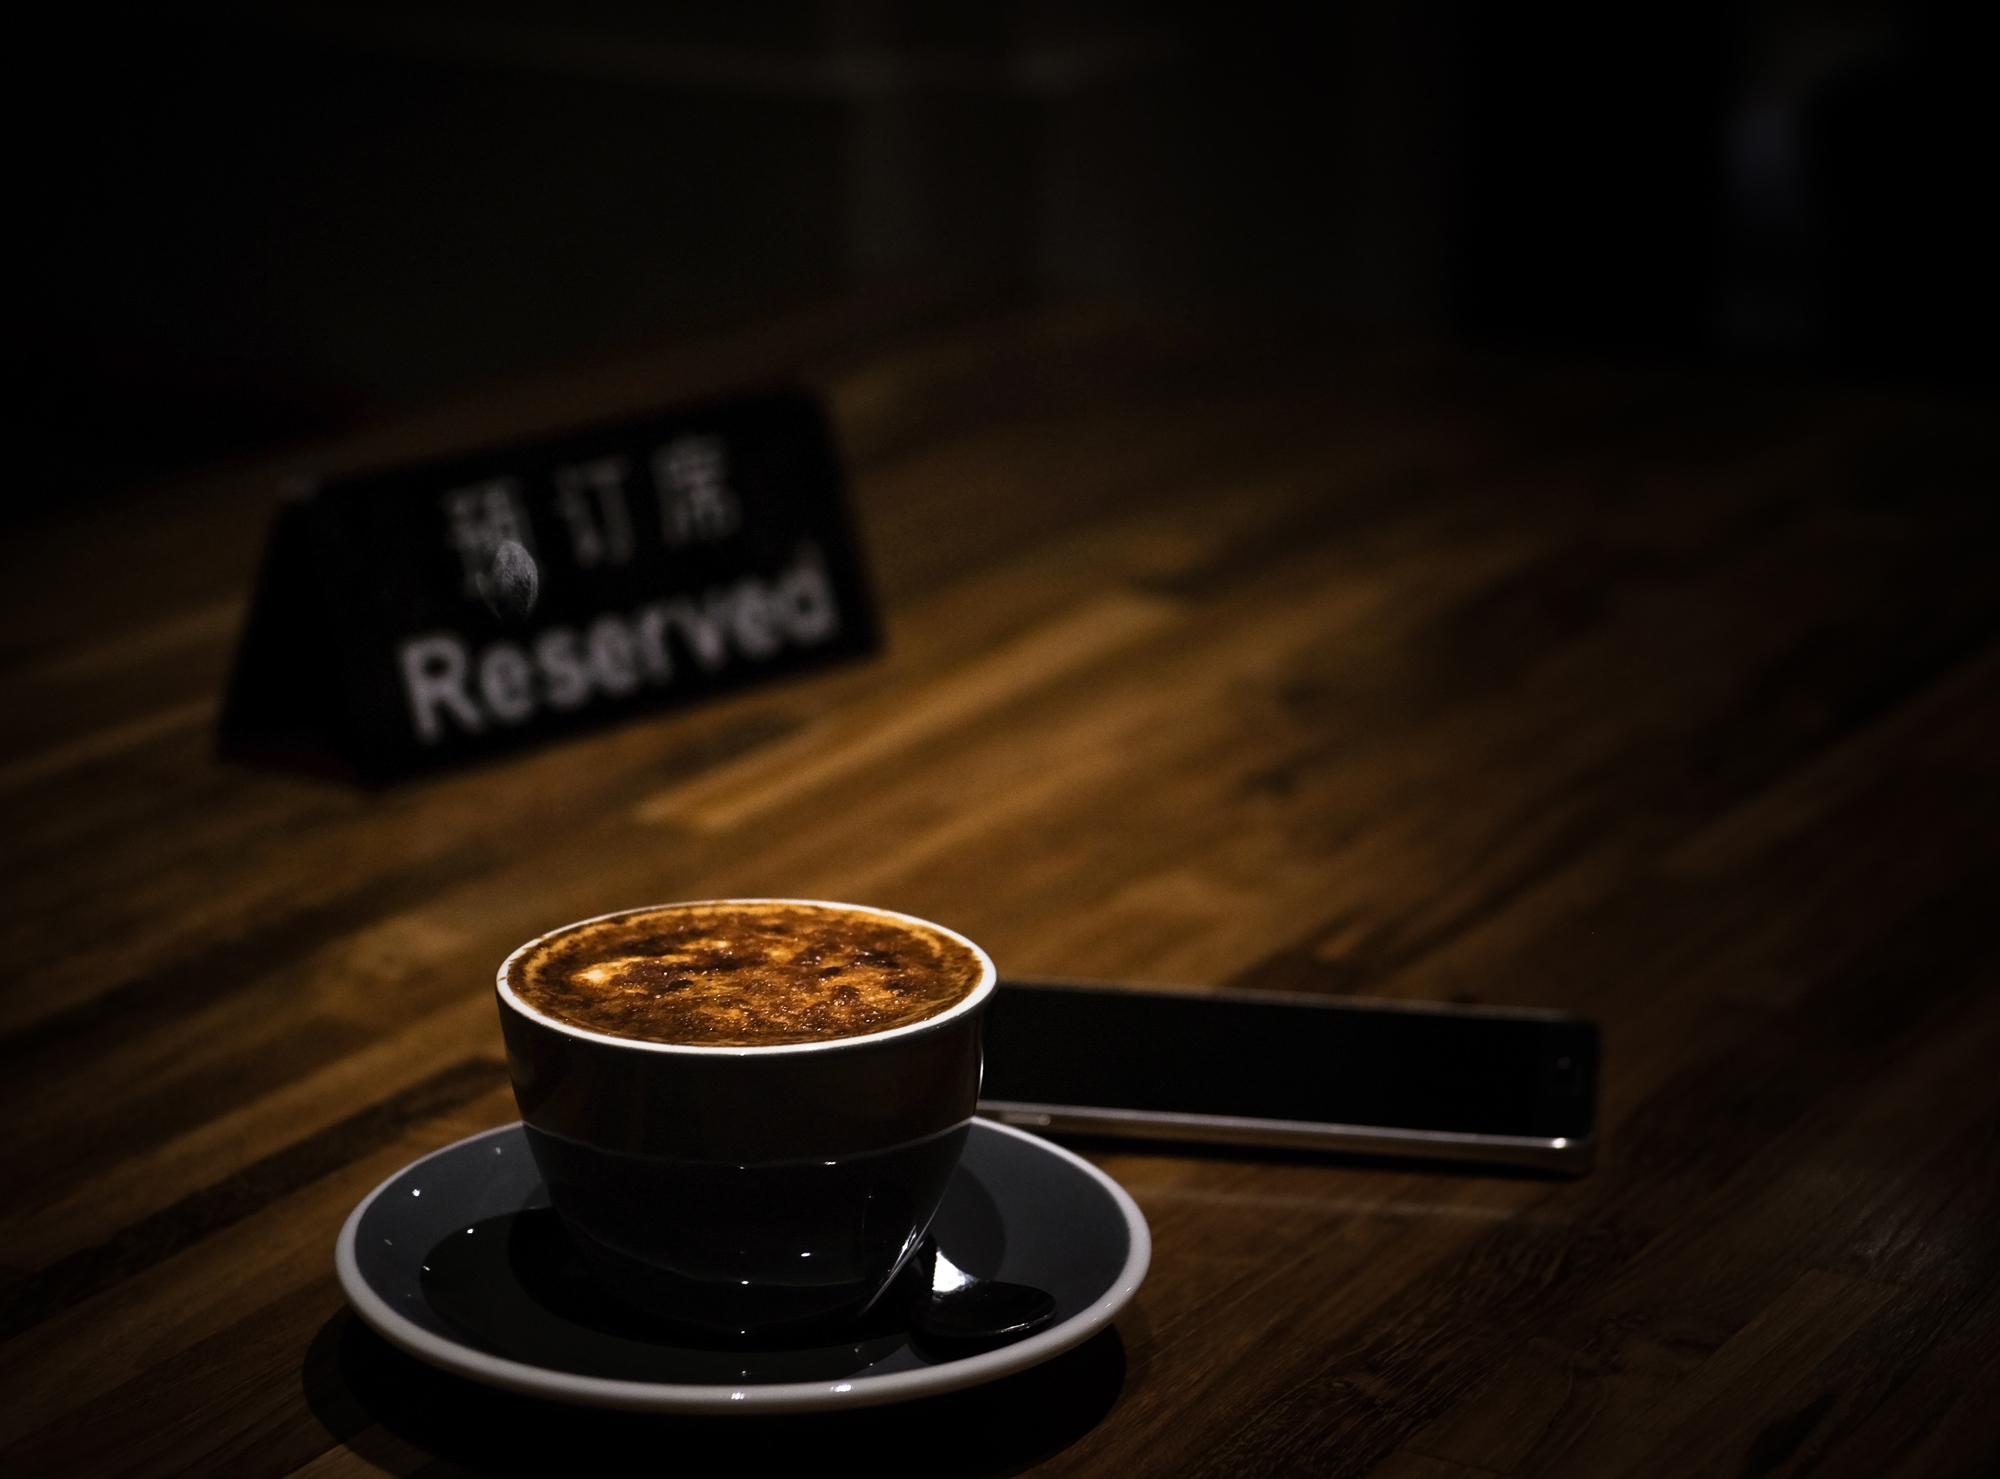 QUASI QUASI MI FACCIO UNO SHAMPOO AL CAFFÈ